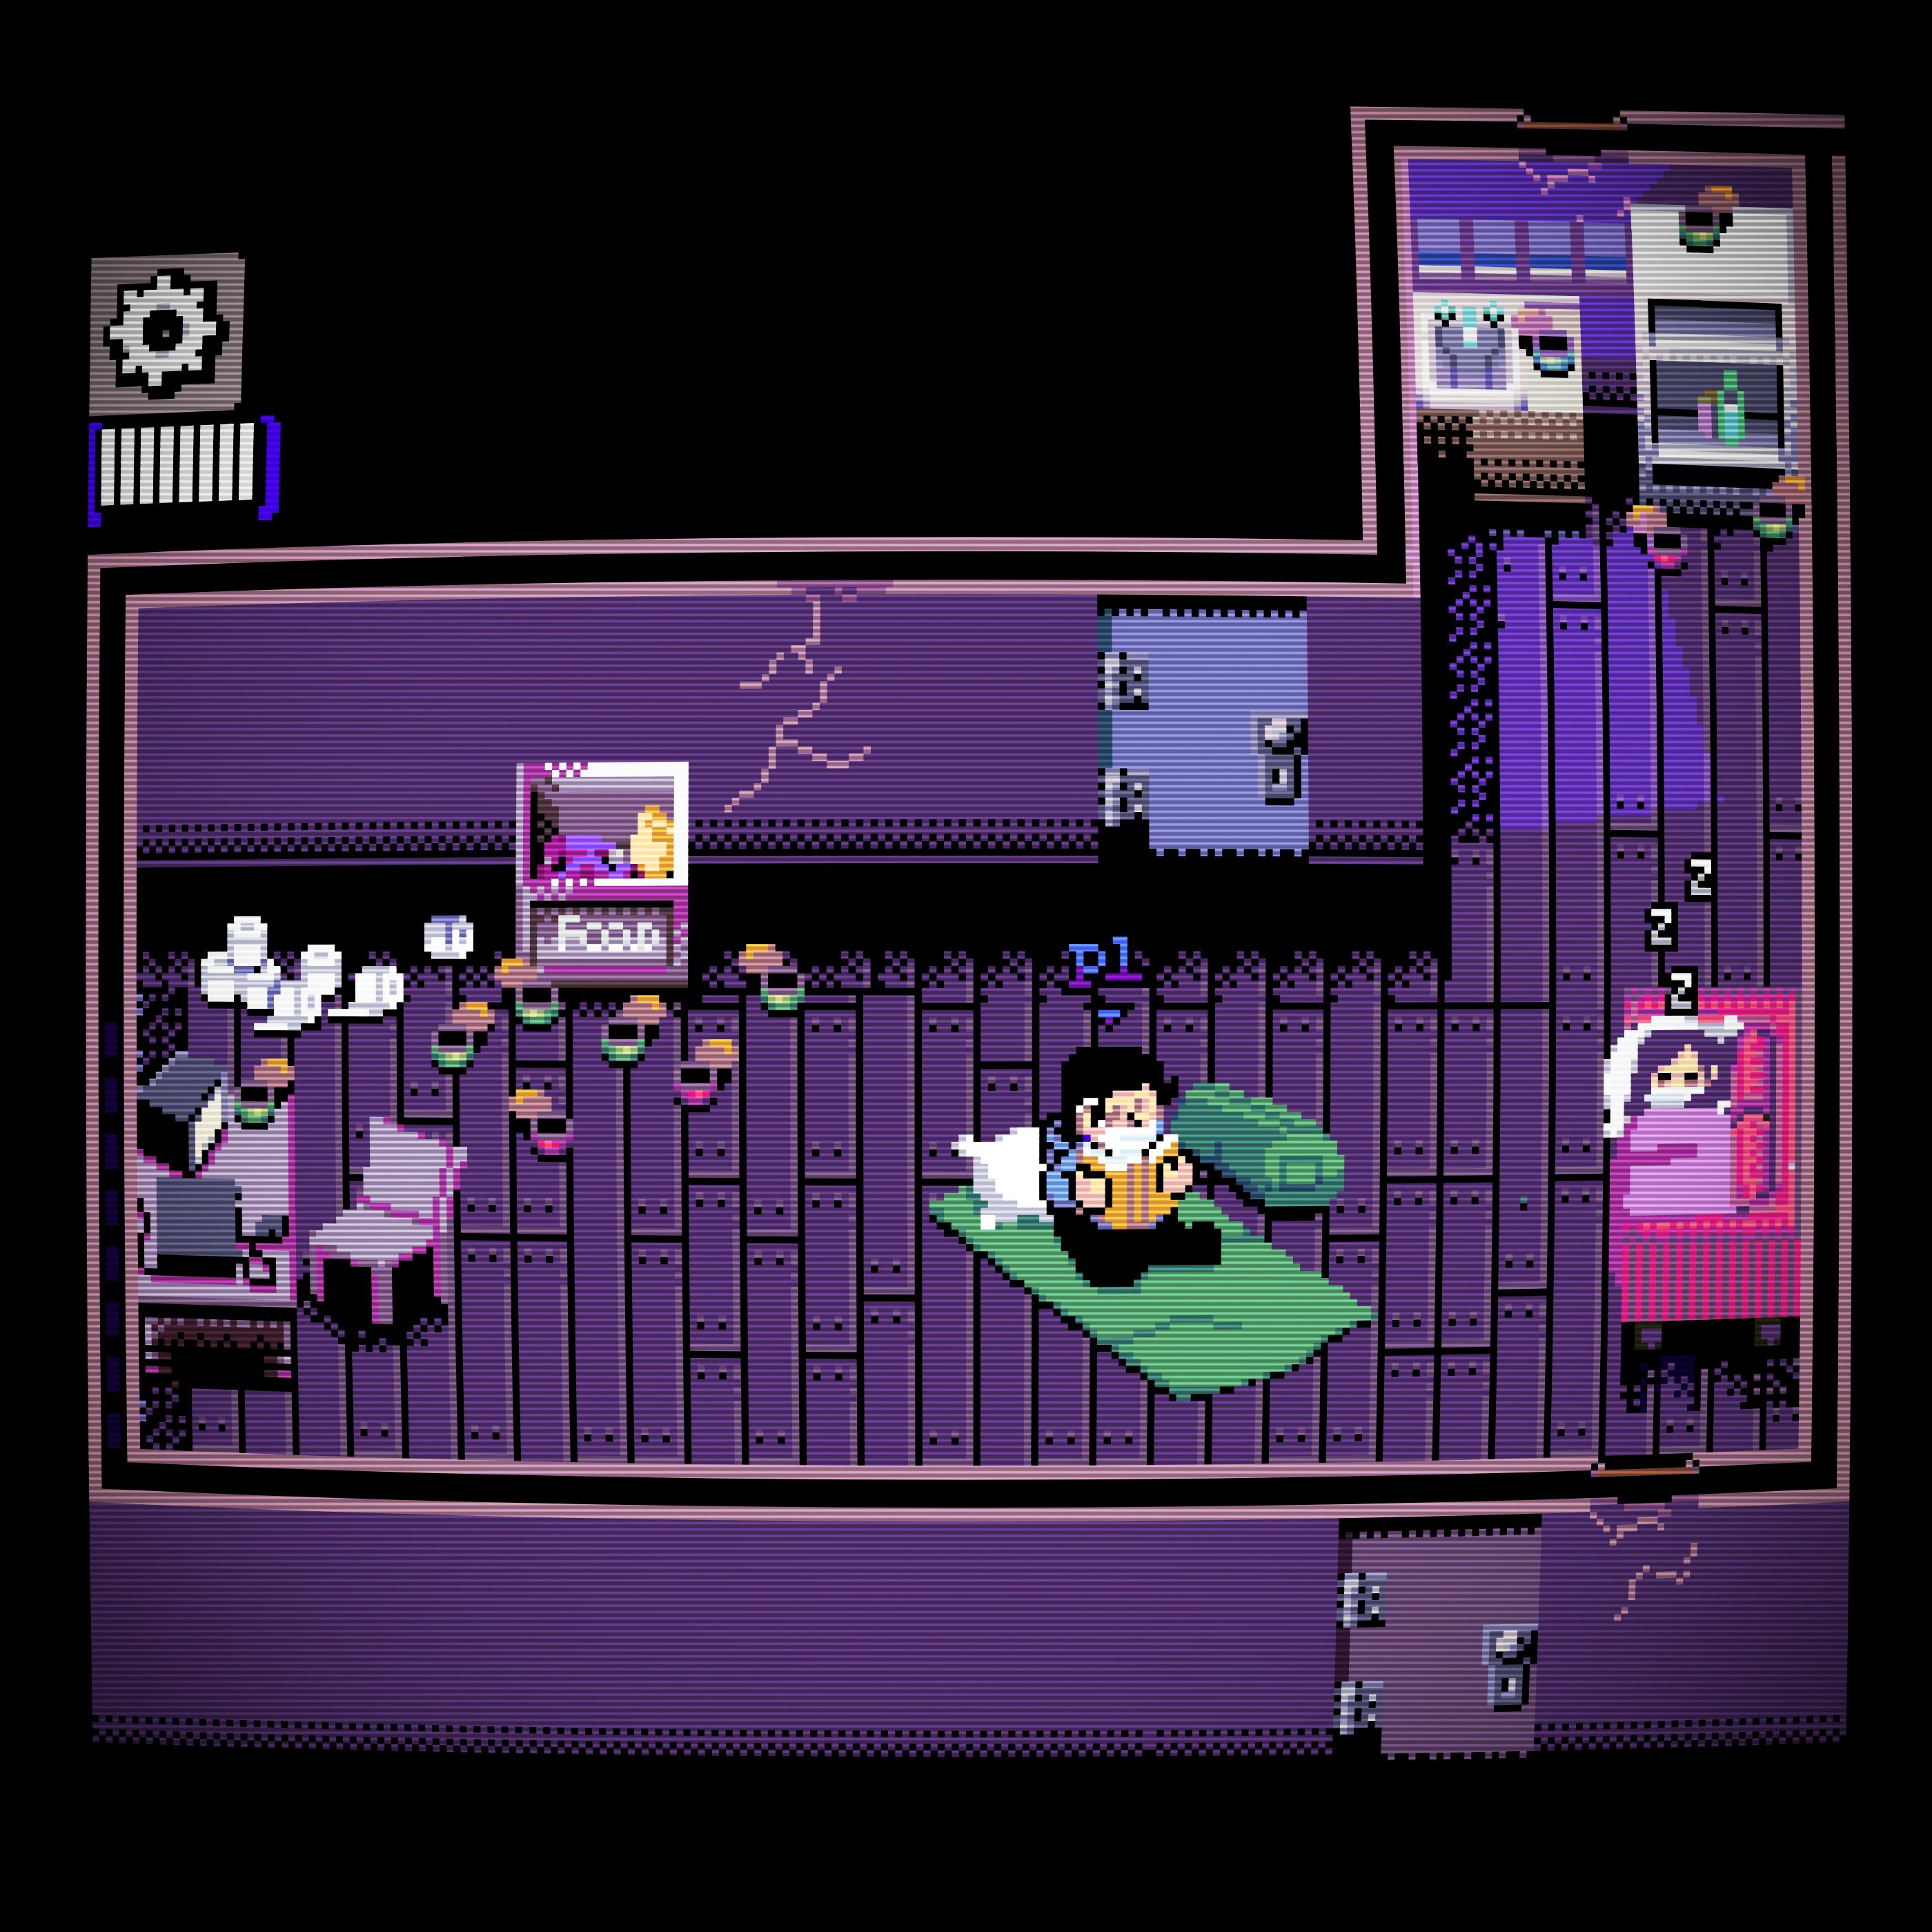 Epidemy - Night